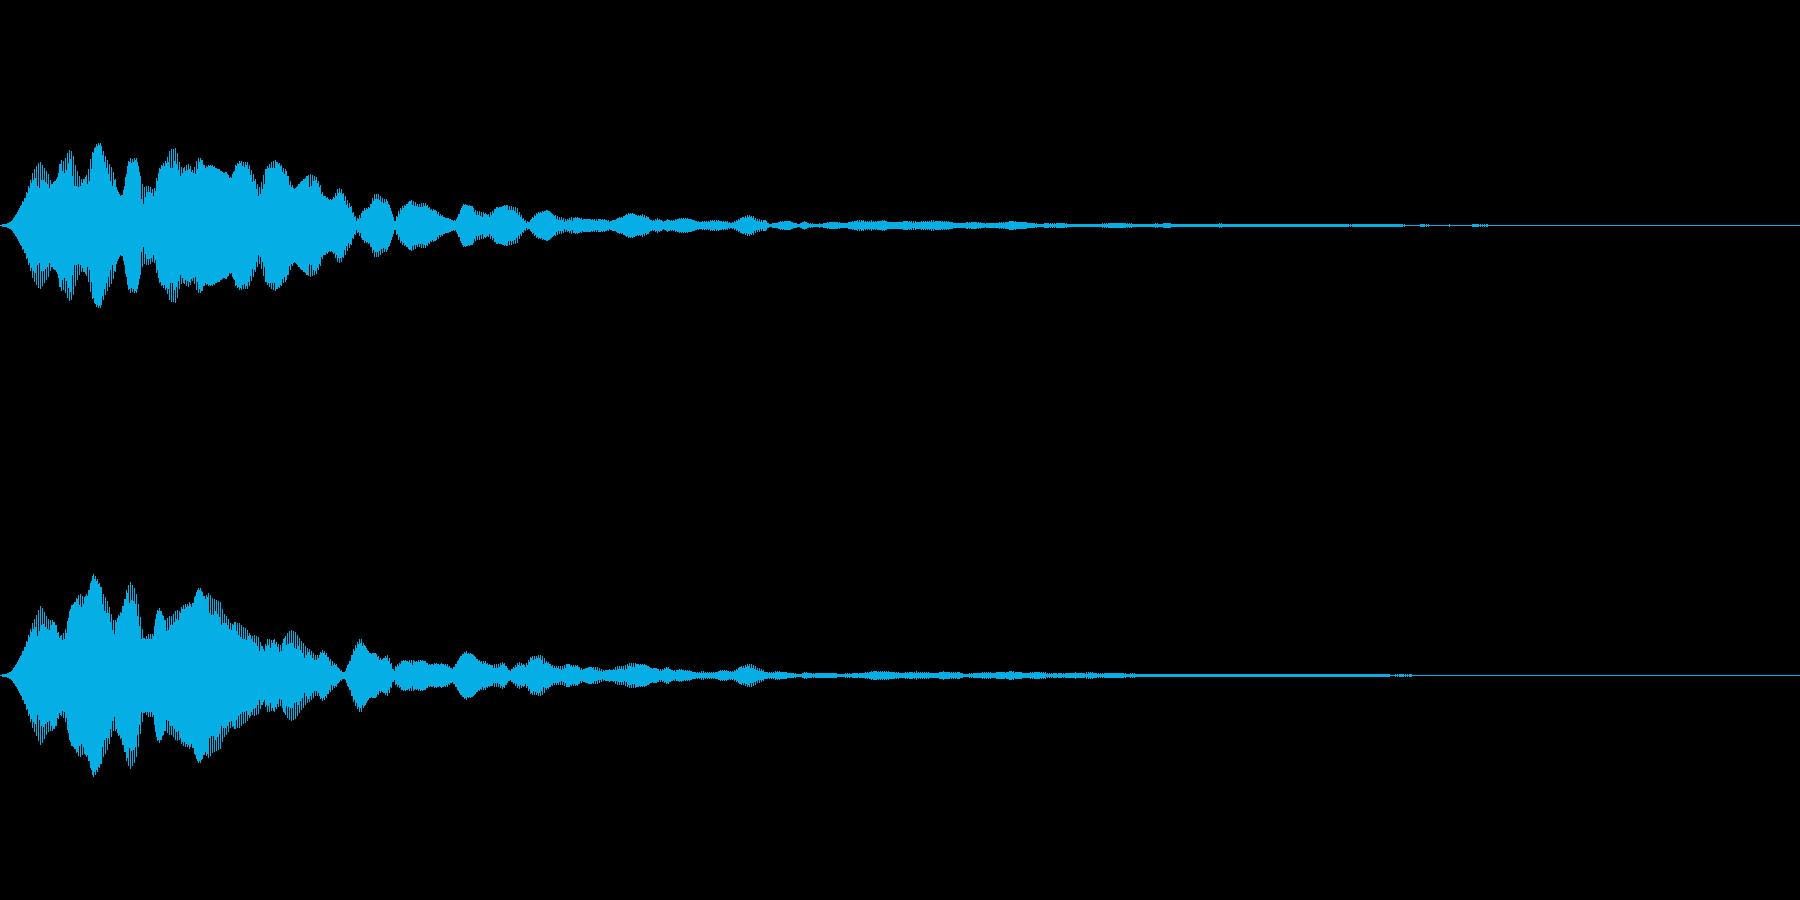 フィーン(タイトルメニュー_オンマウス)の再生済みの波形